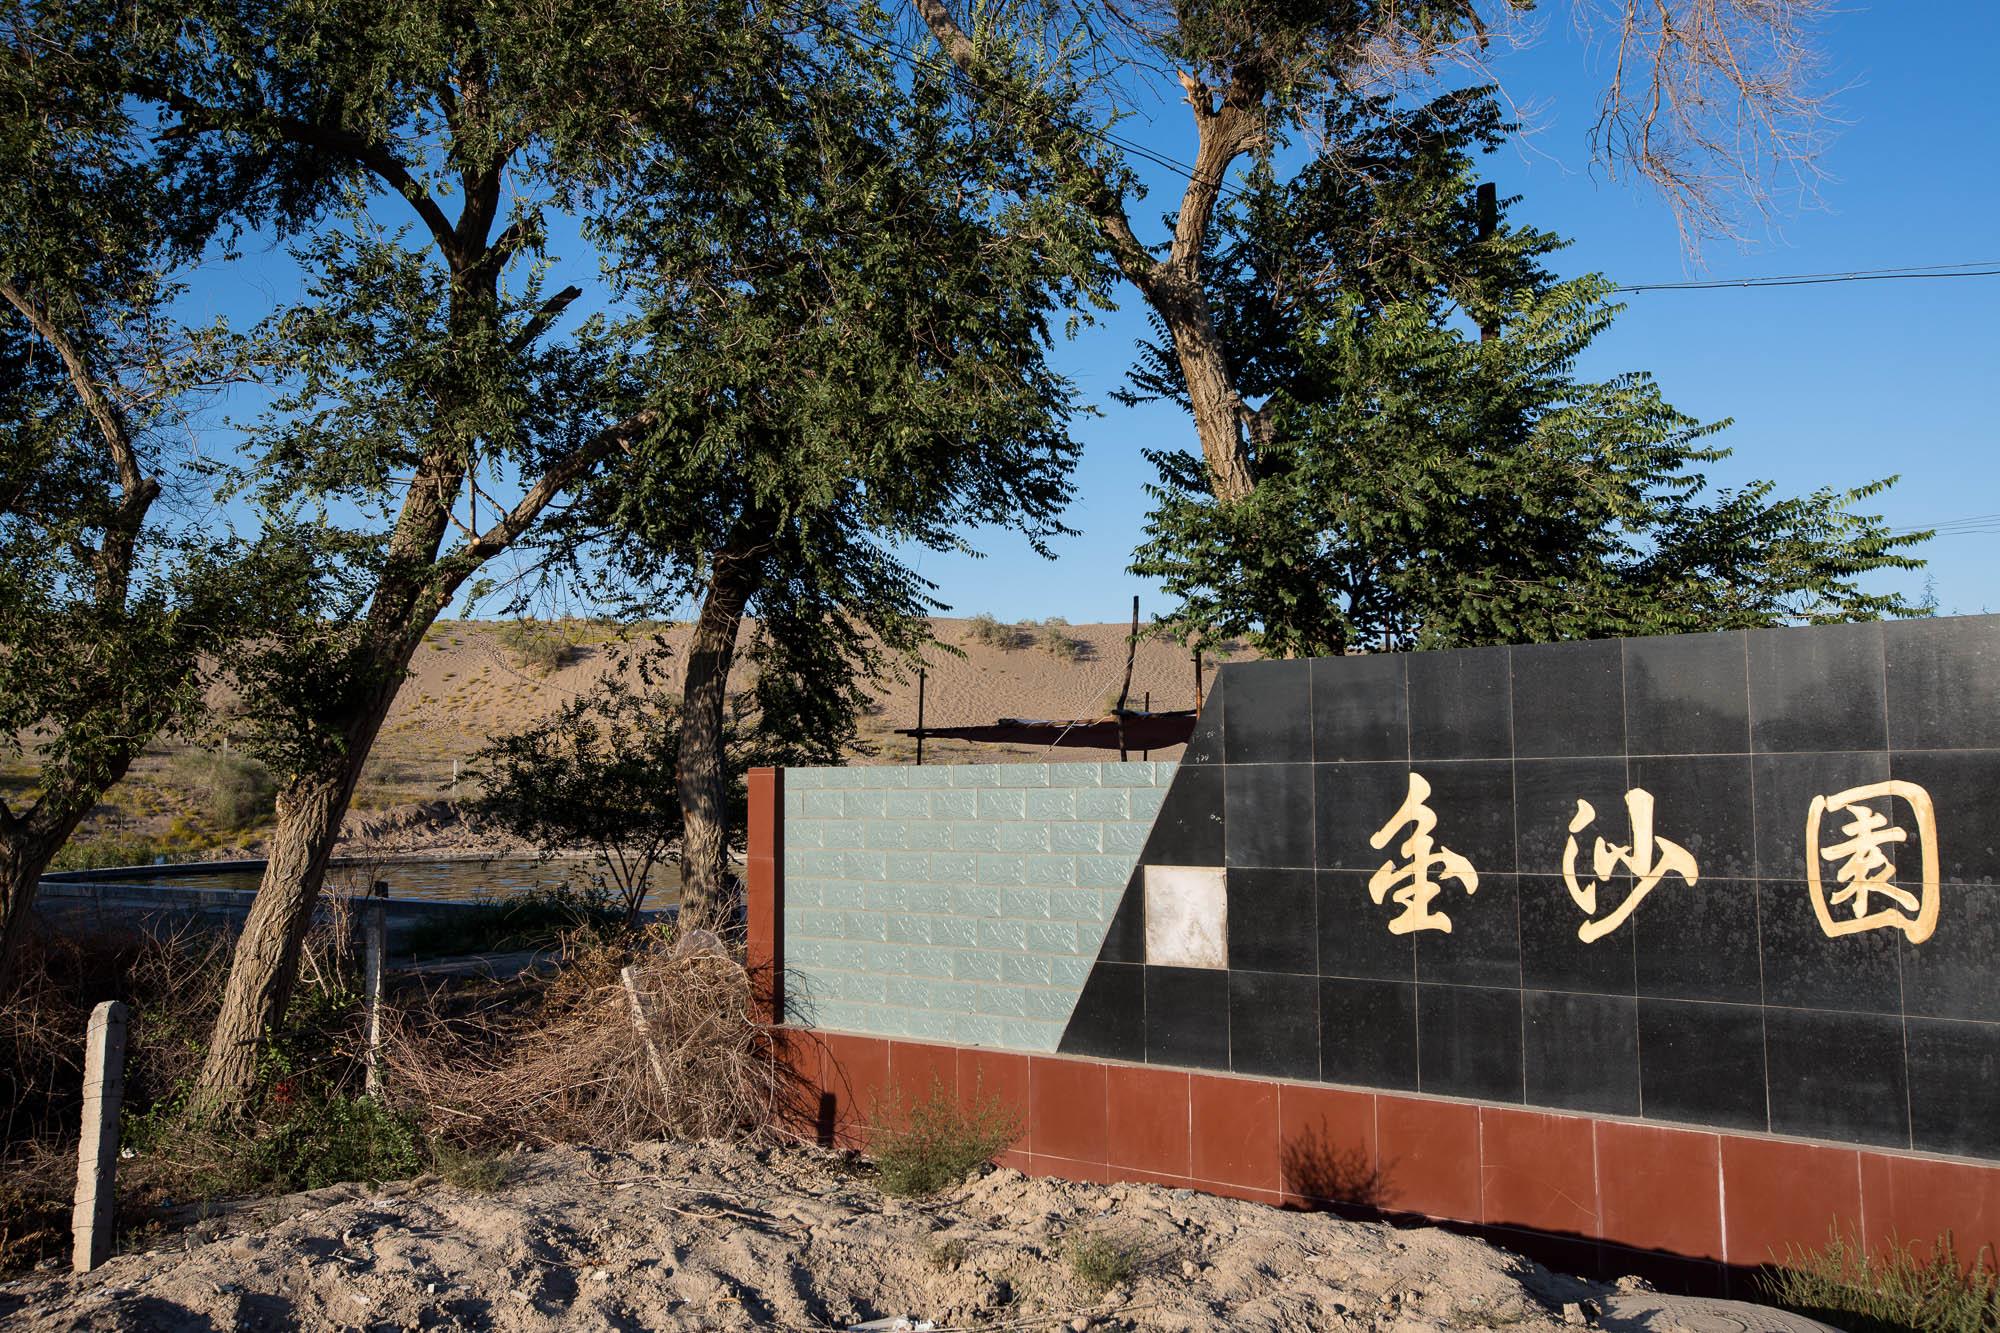 desert park entrance